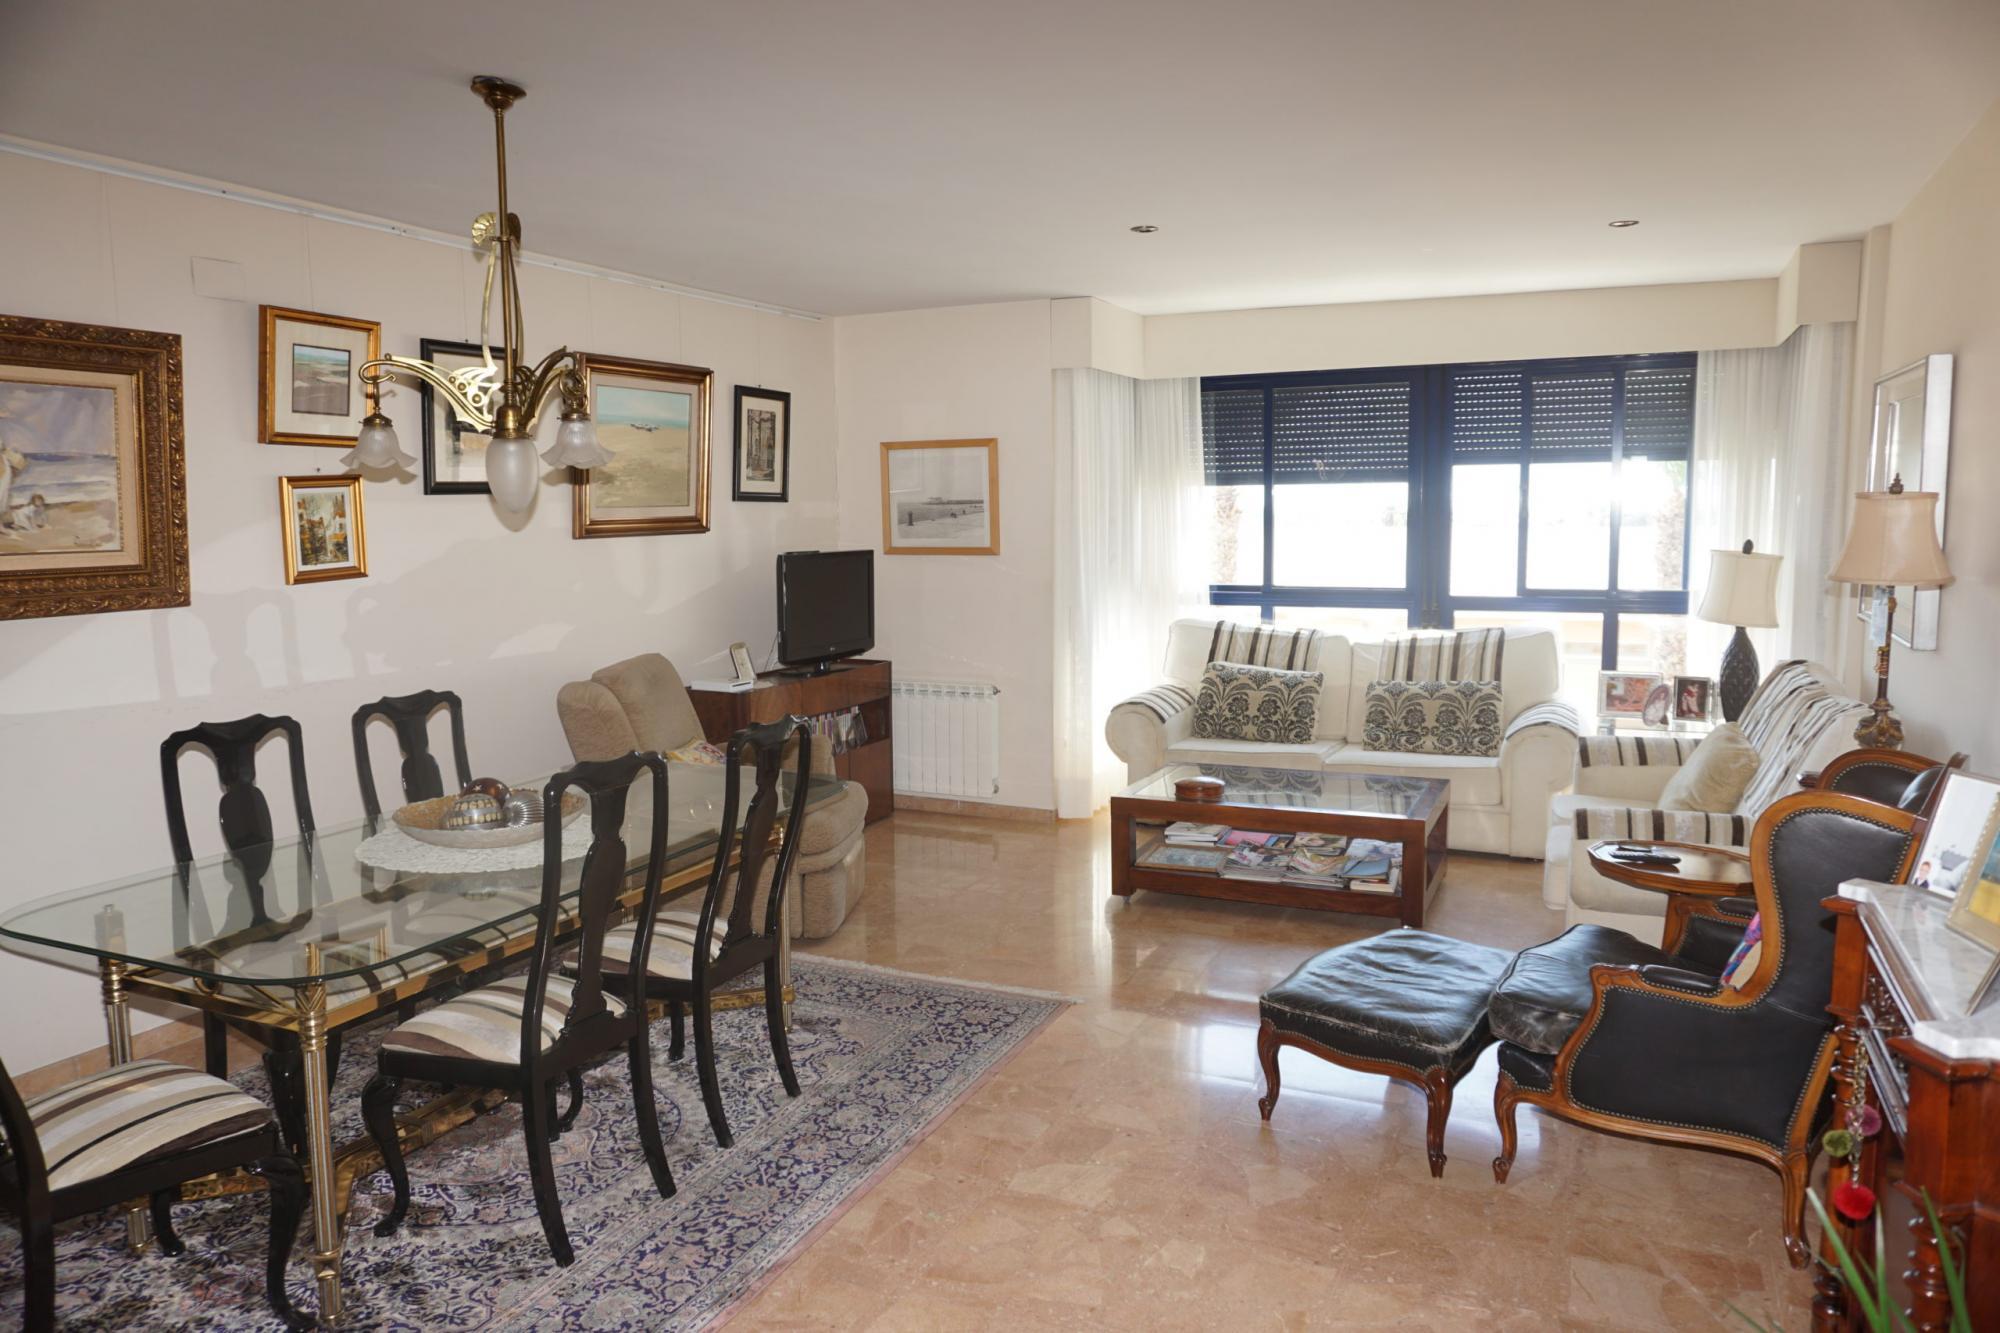 Vivienda en venta en Burriana (Castellón) zona piscinas